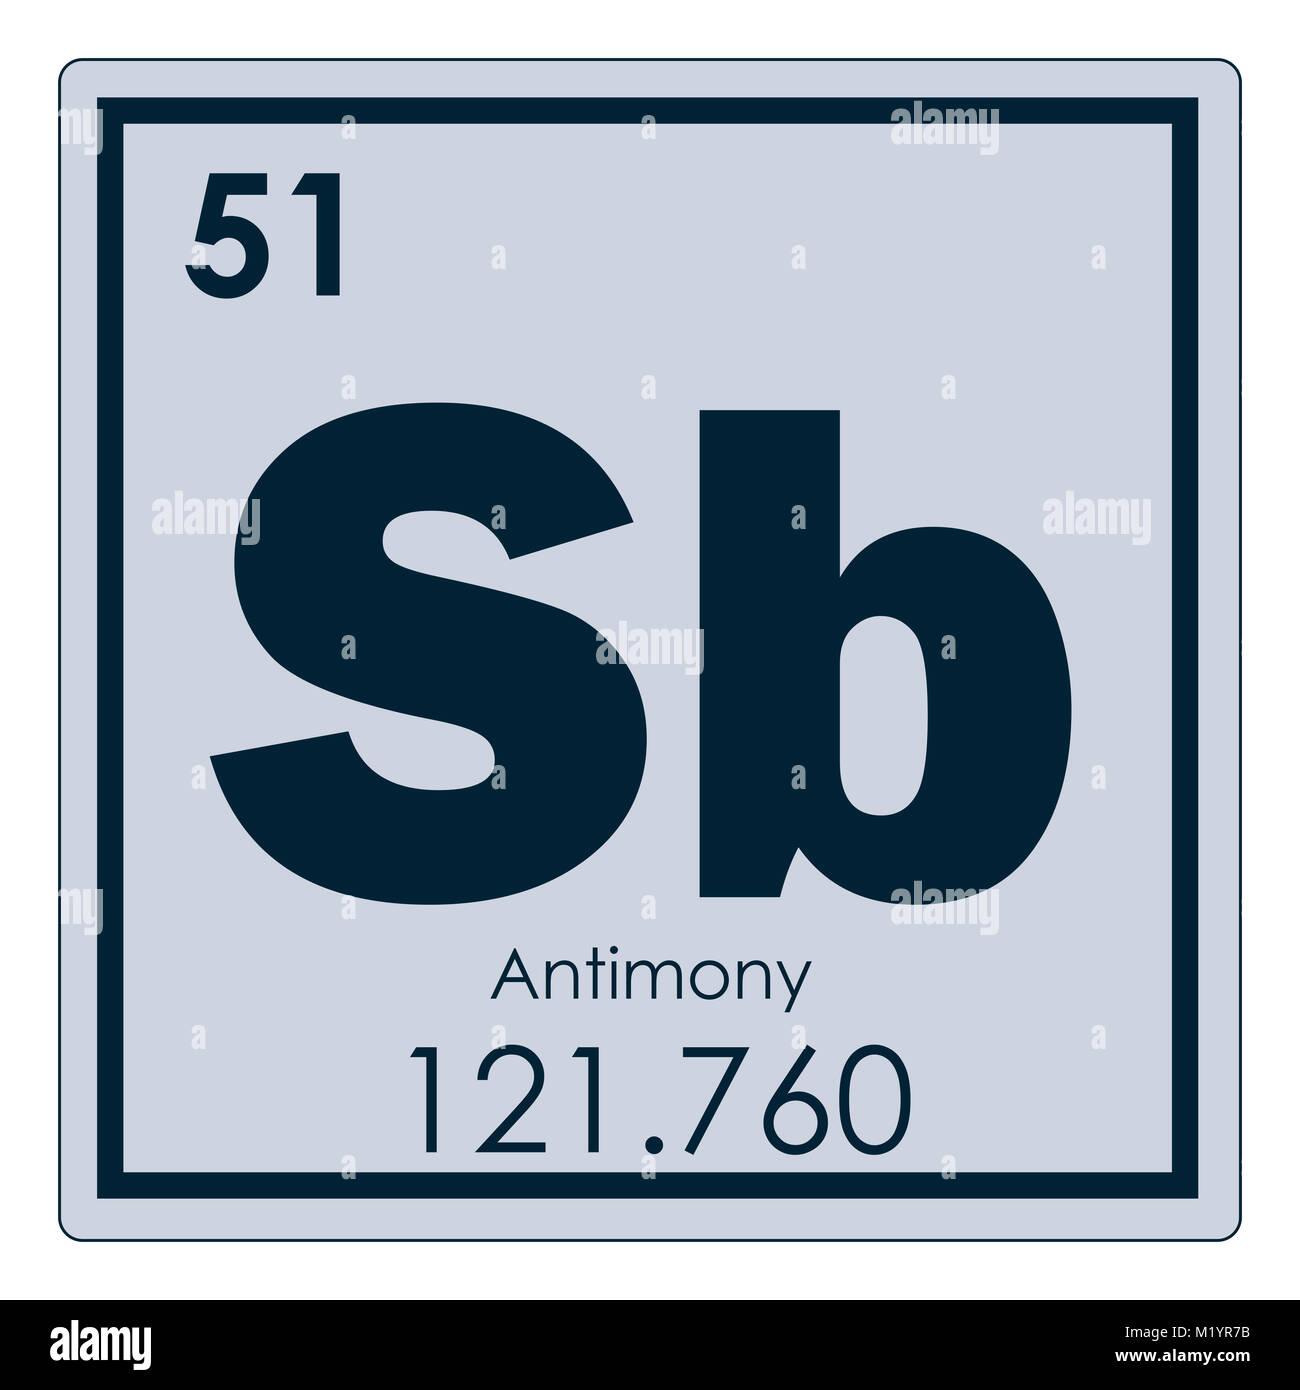 Tabla peridica de elementos qumicos de antimonio smbolo de tabla peridica de elementos qumicos de antimonio smbolo de ciencia urtaz Gallery